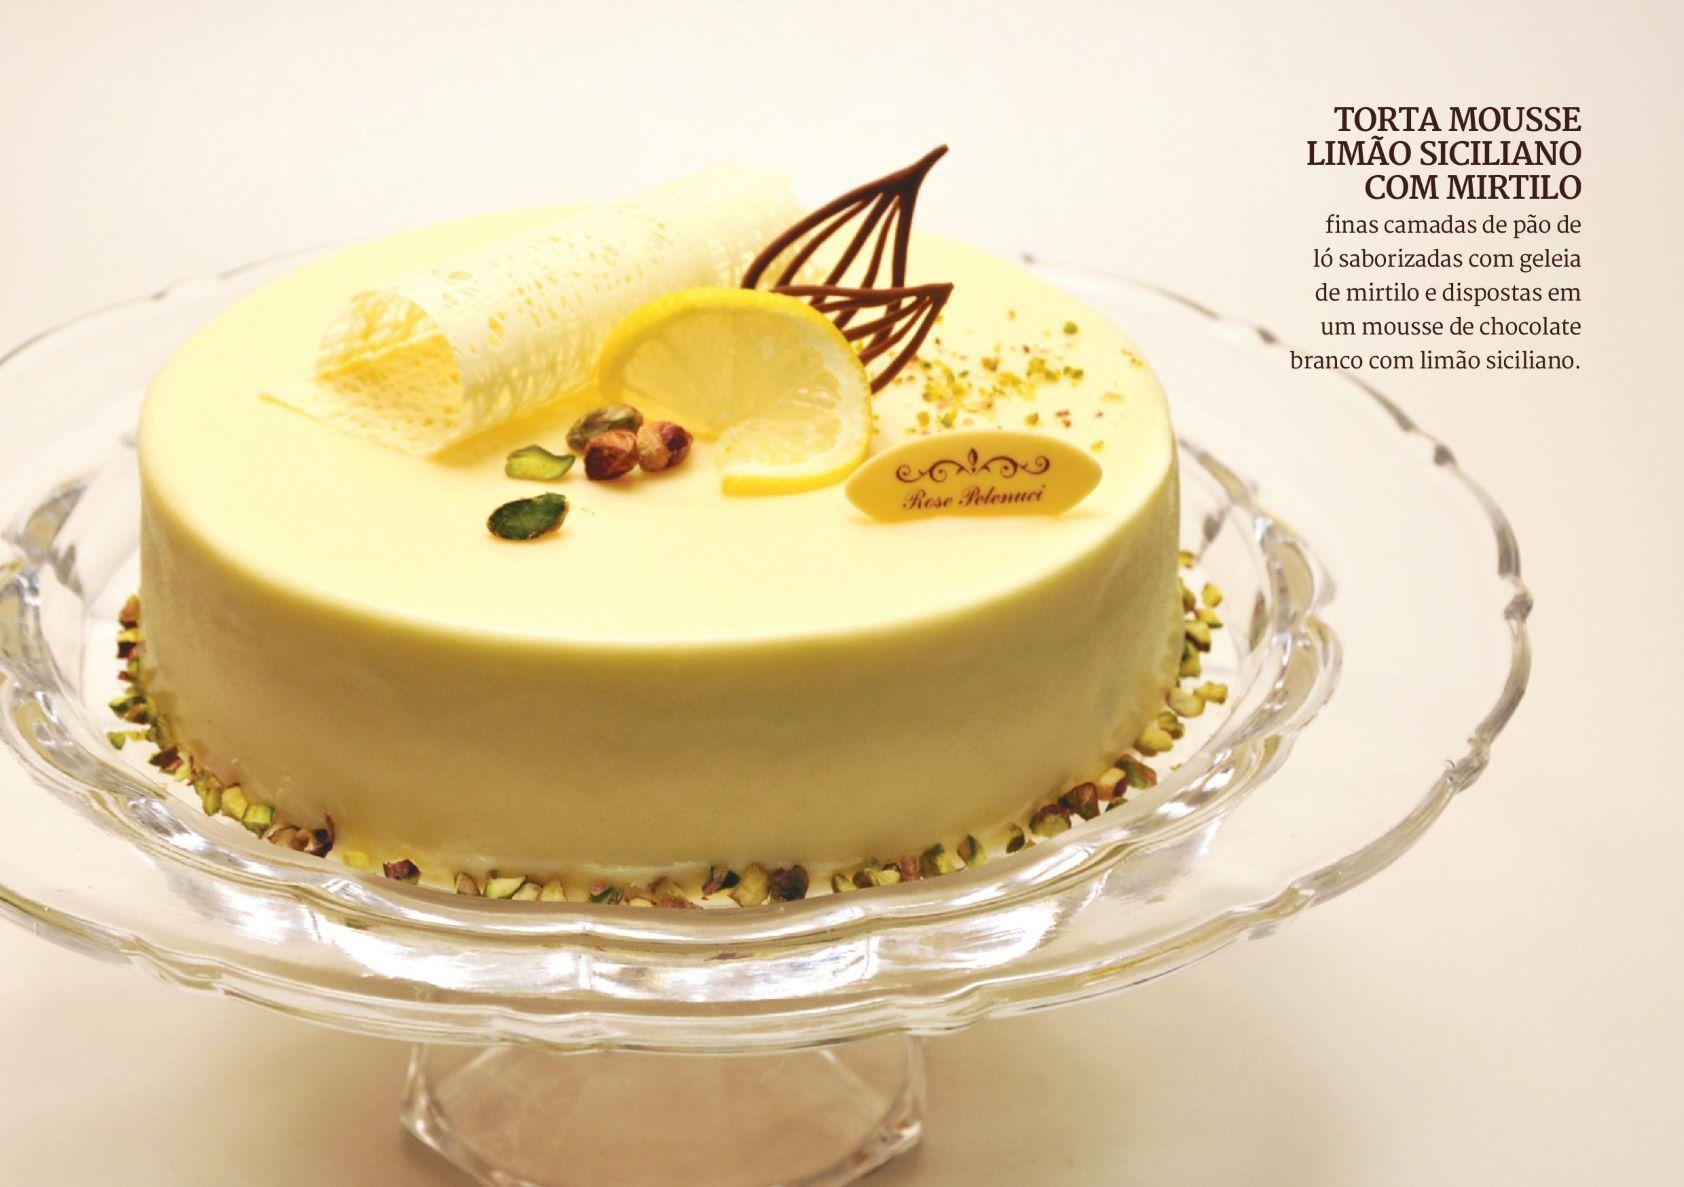 Torta Mousse Limão Siciliano com Mirtilo